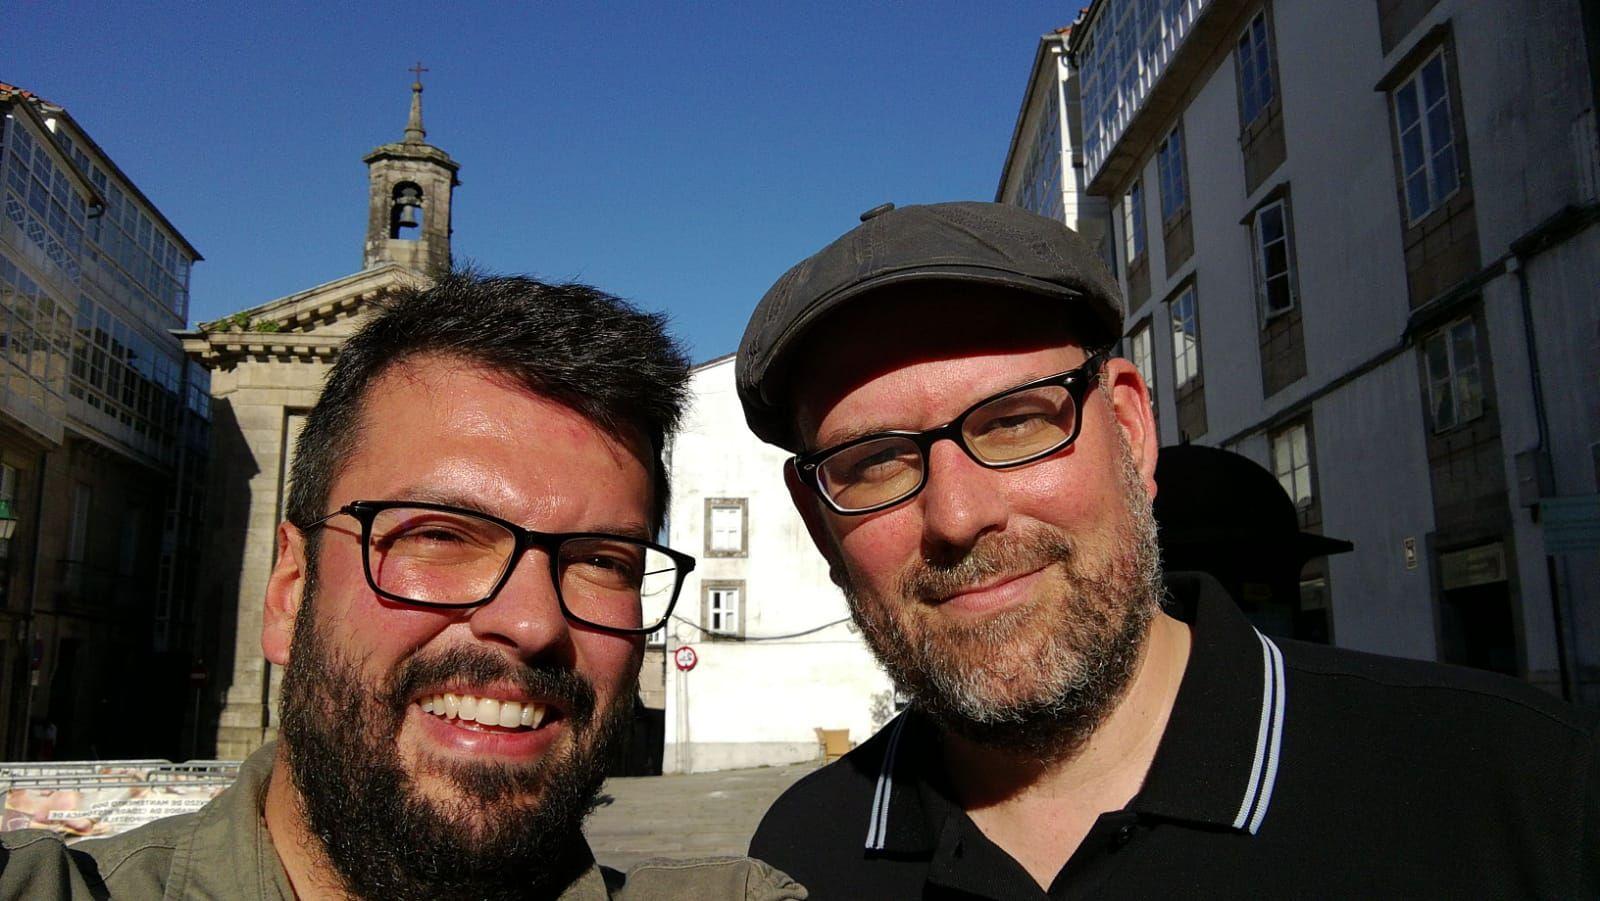 El bot automático le otorga -por el momento- la victoria a España